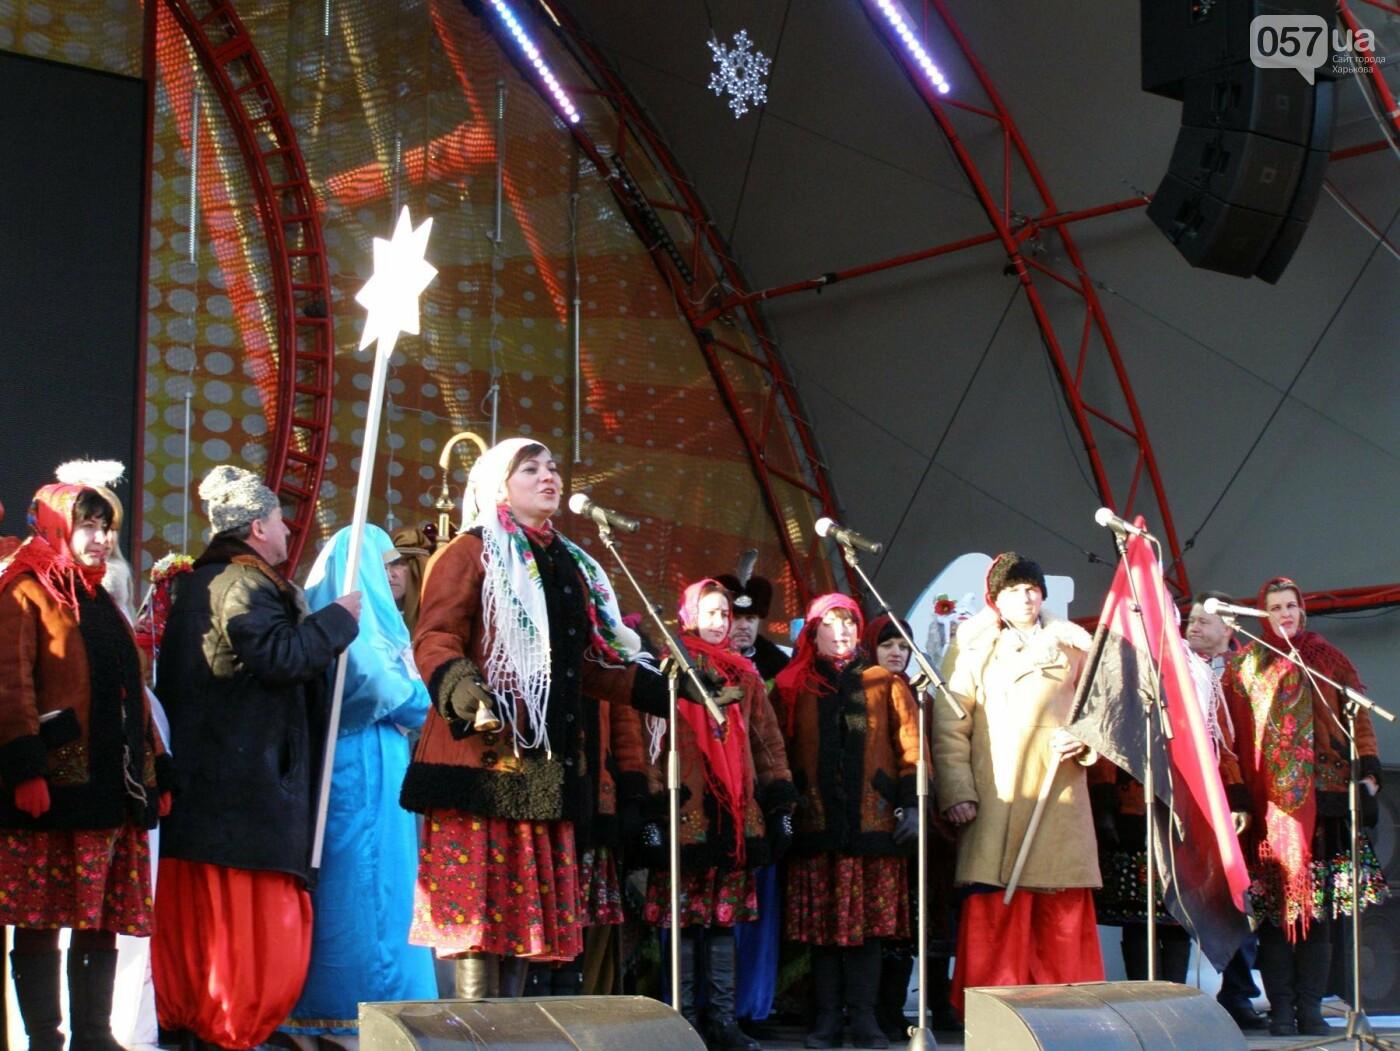 Как в парке Горького харьковчане отмечали Старый Новый год (ФОТО), фото-7